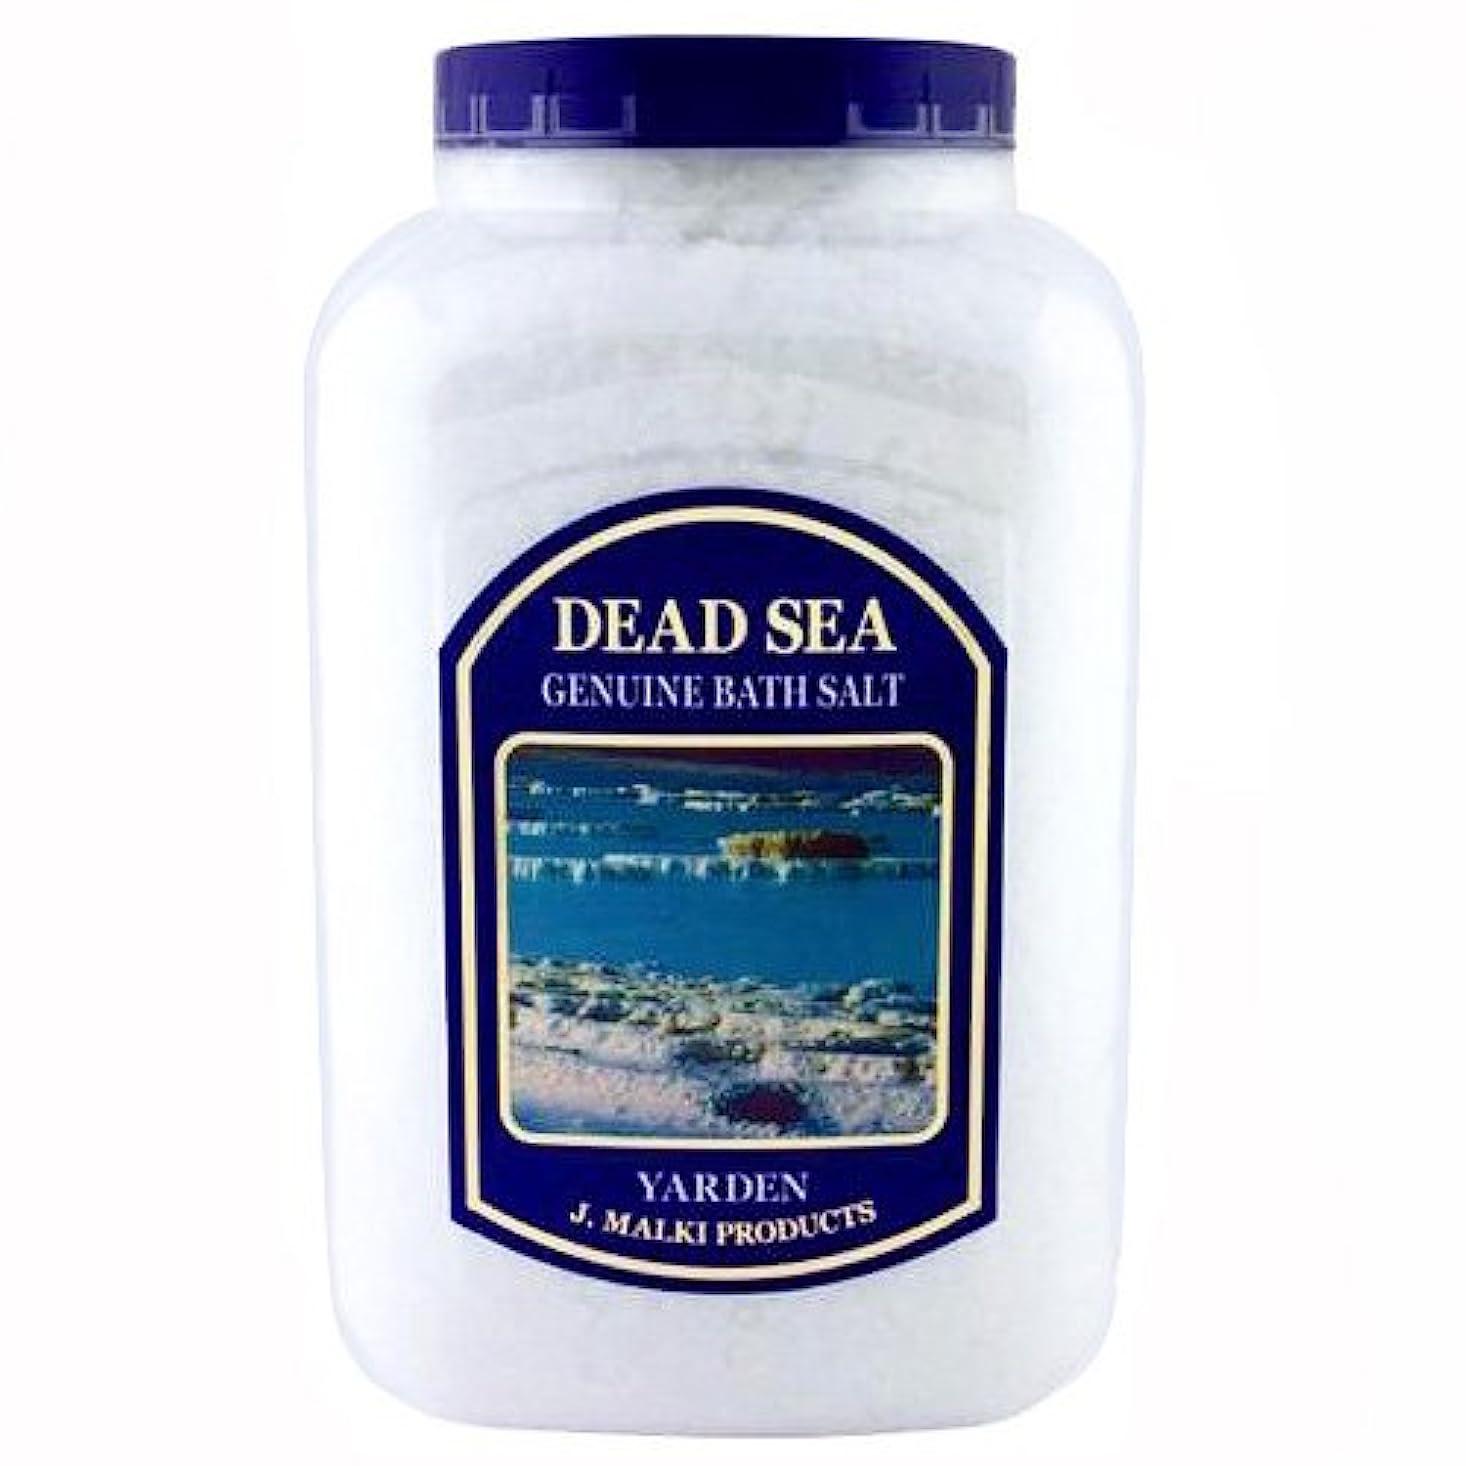 申し立てられたジョージスティーブンソンコンペデッドシー?バスソルト 4.5kg(約45回分)【DEAD SEA BATH SALT】死海の塩/入浴剤(入浴用化粧品)【正規販売店】